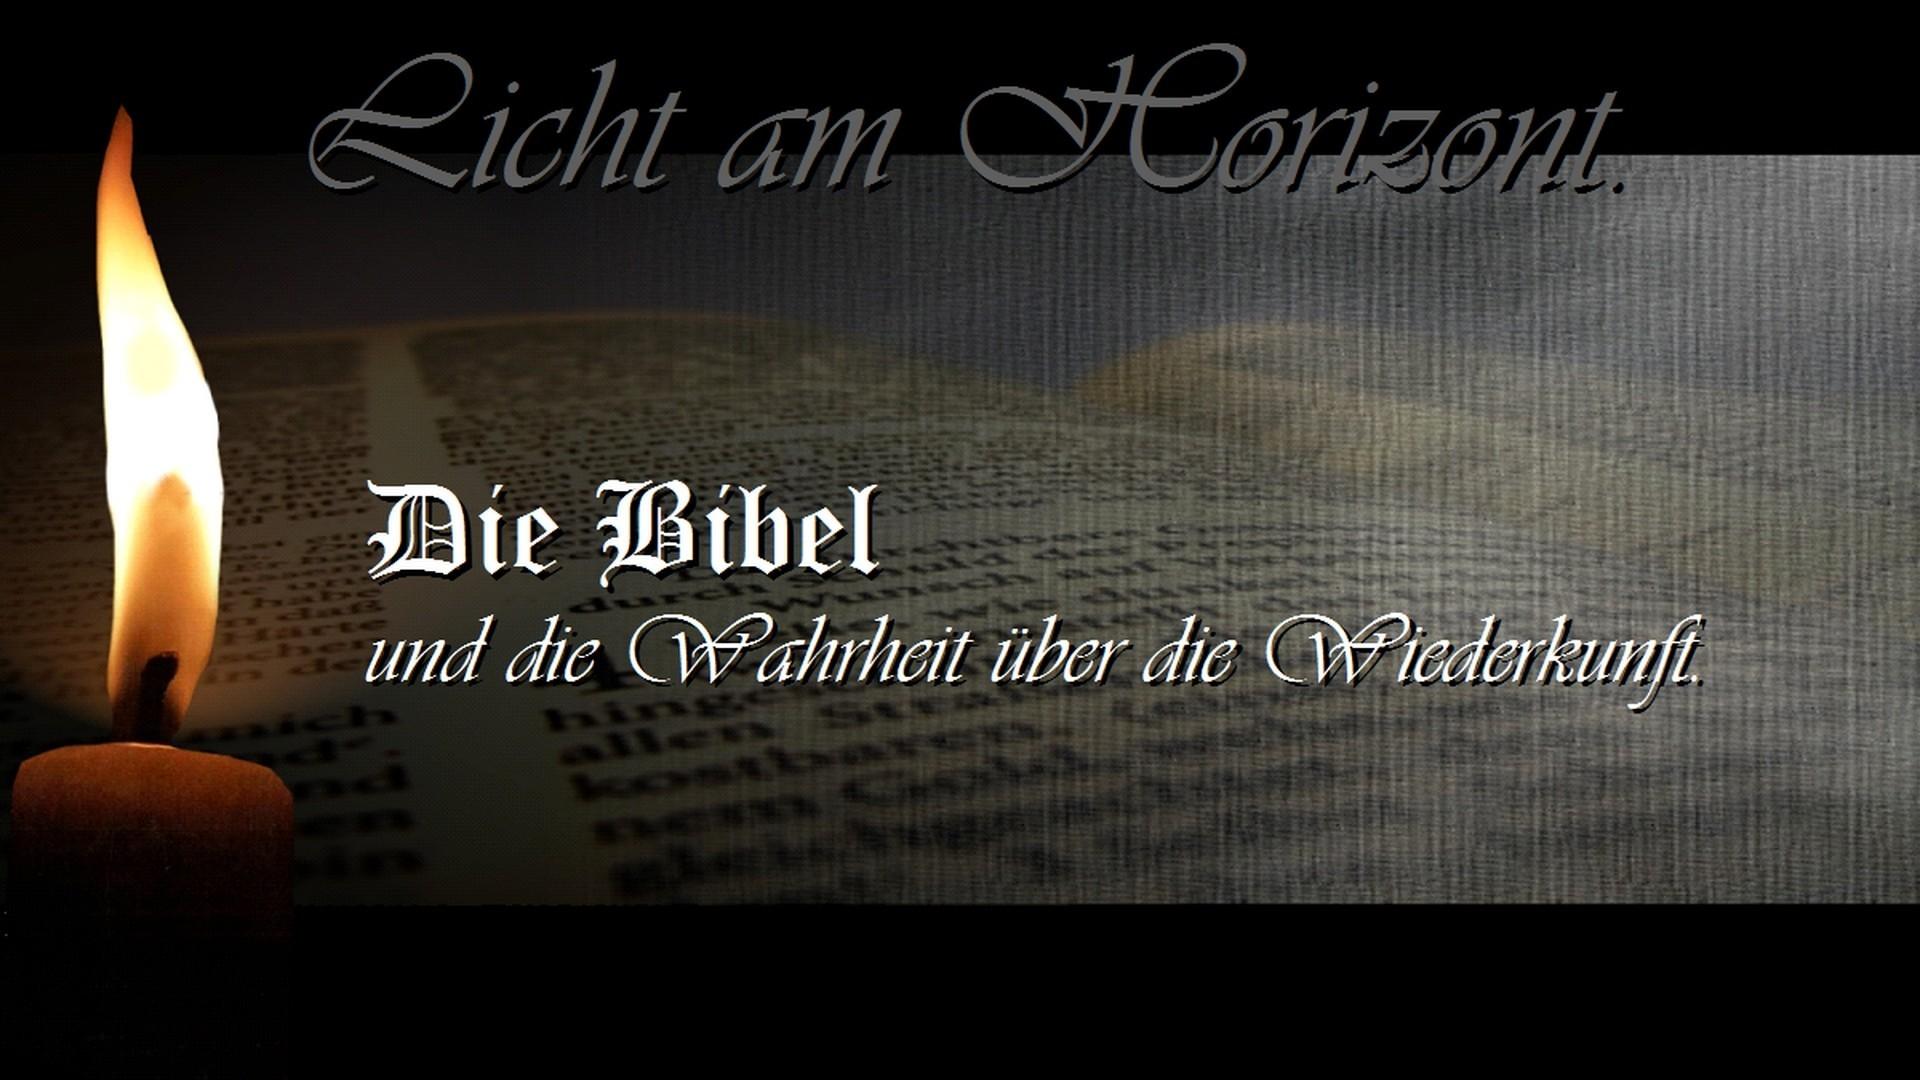 Jesus kommt bald! Die Bibel und die Wahrheit über Jesu Wiederkunft. (REF 3)